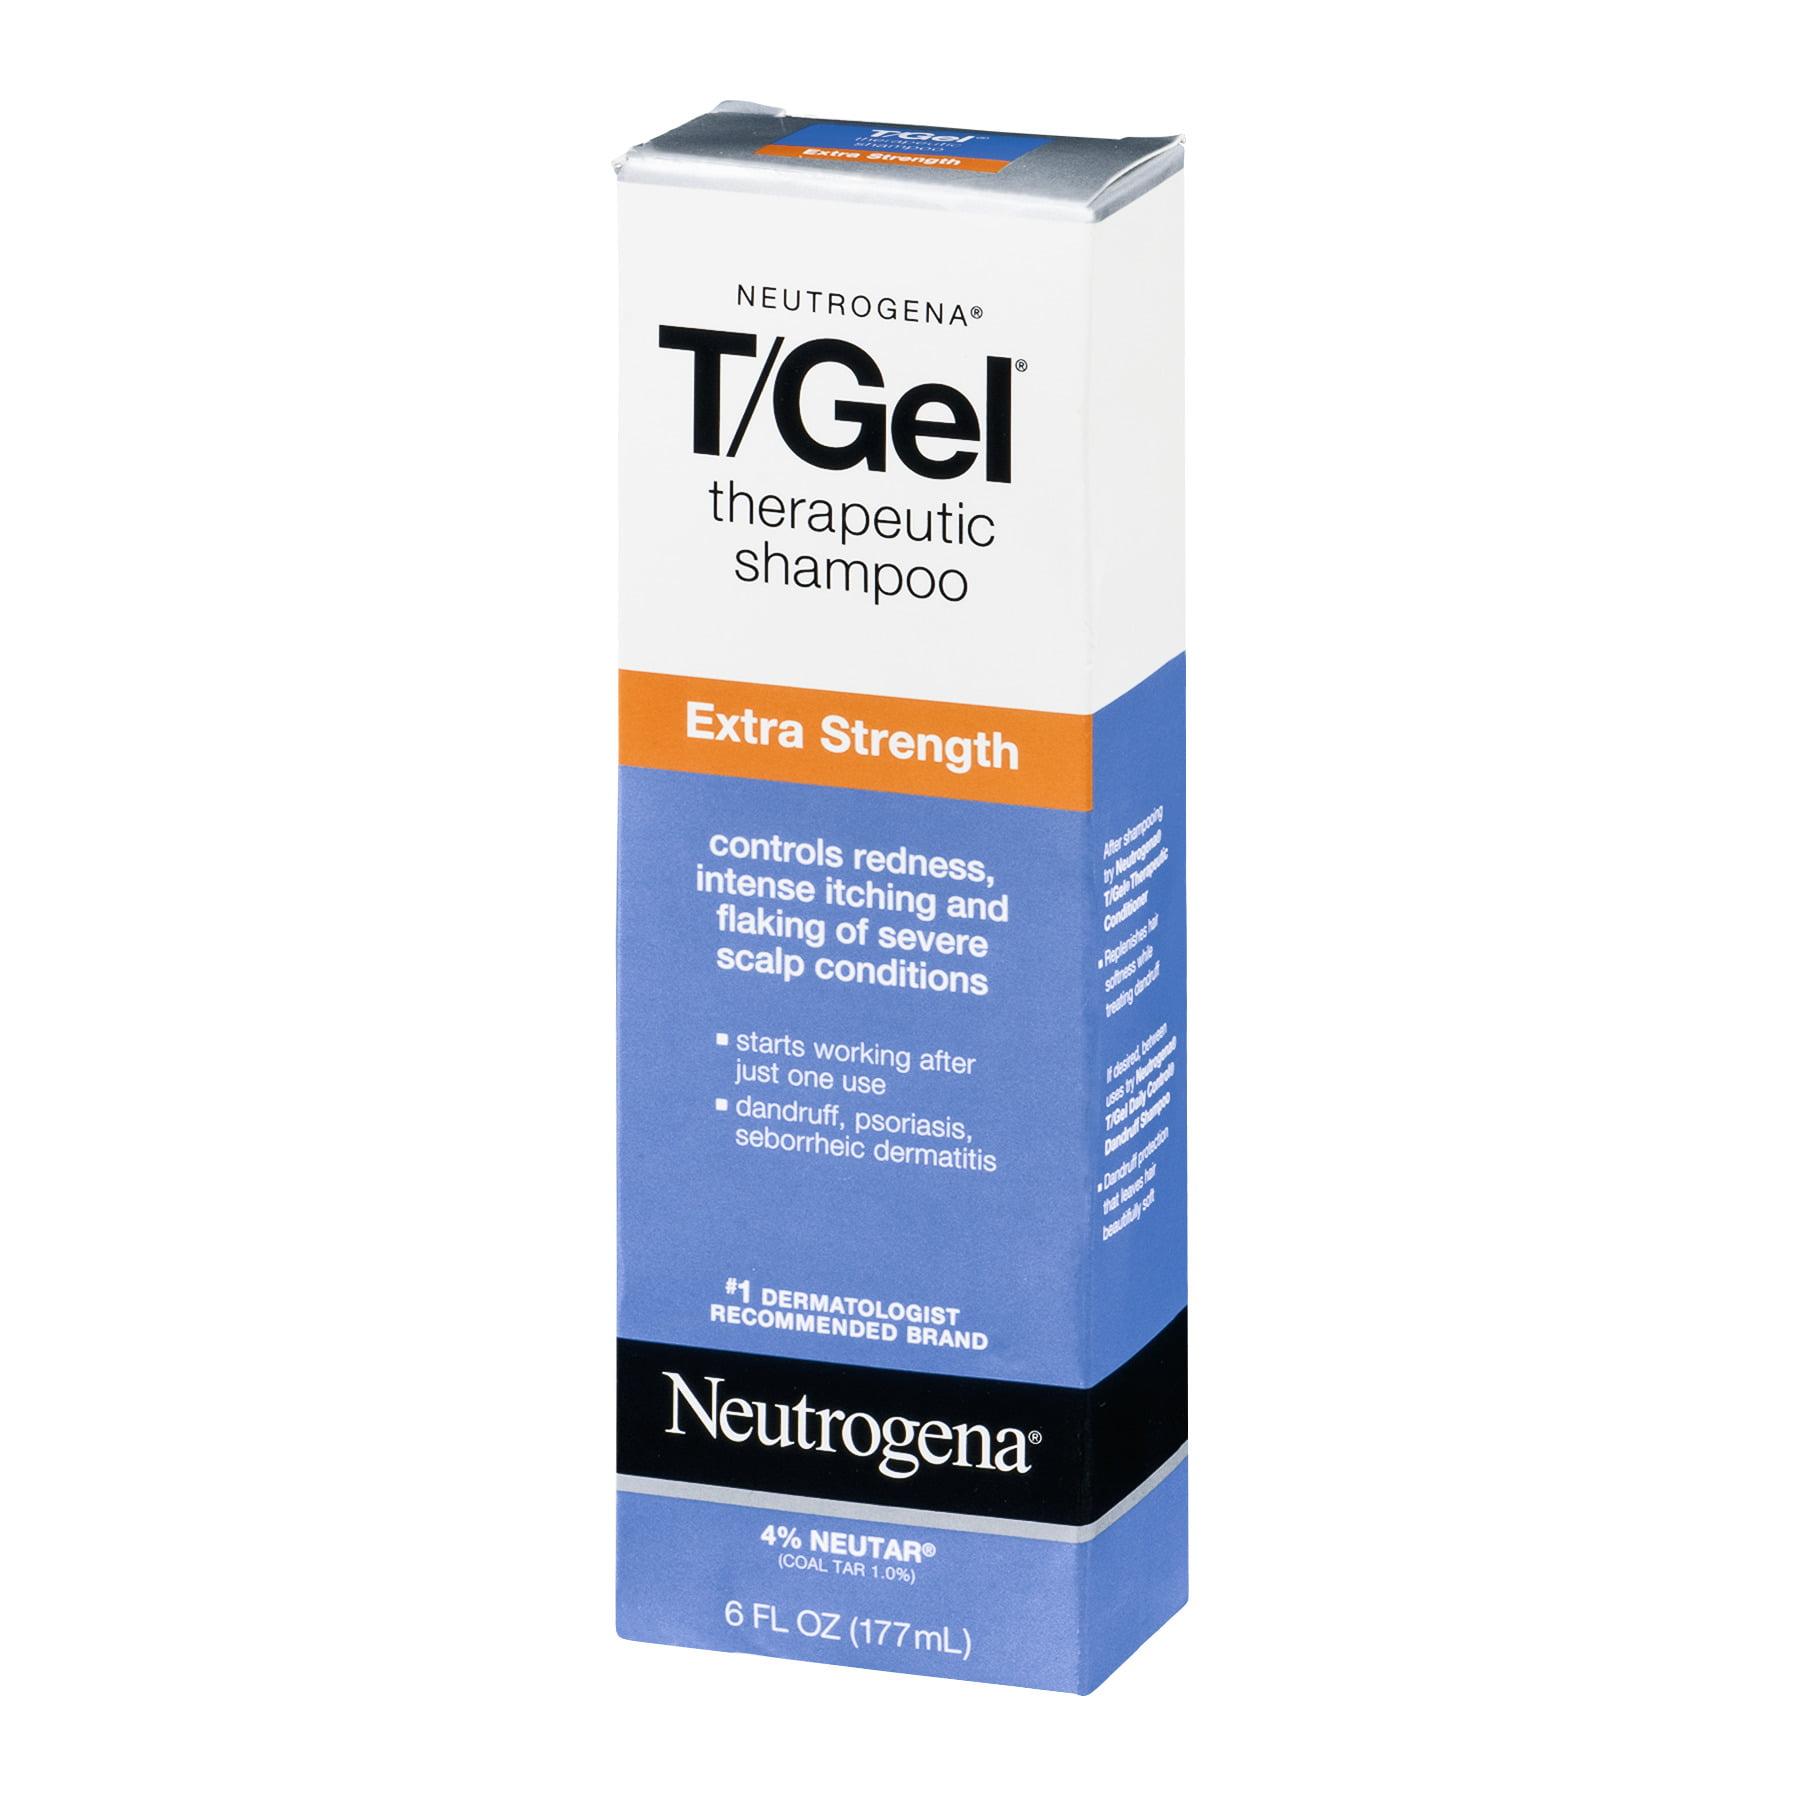 Neutrogena Neutrogena T/Gel Shampoo, 6 oz - Walmart com